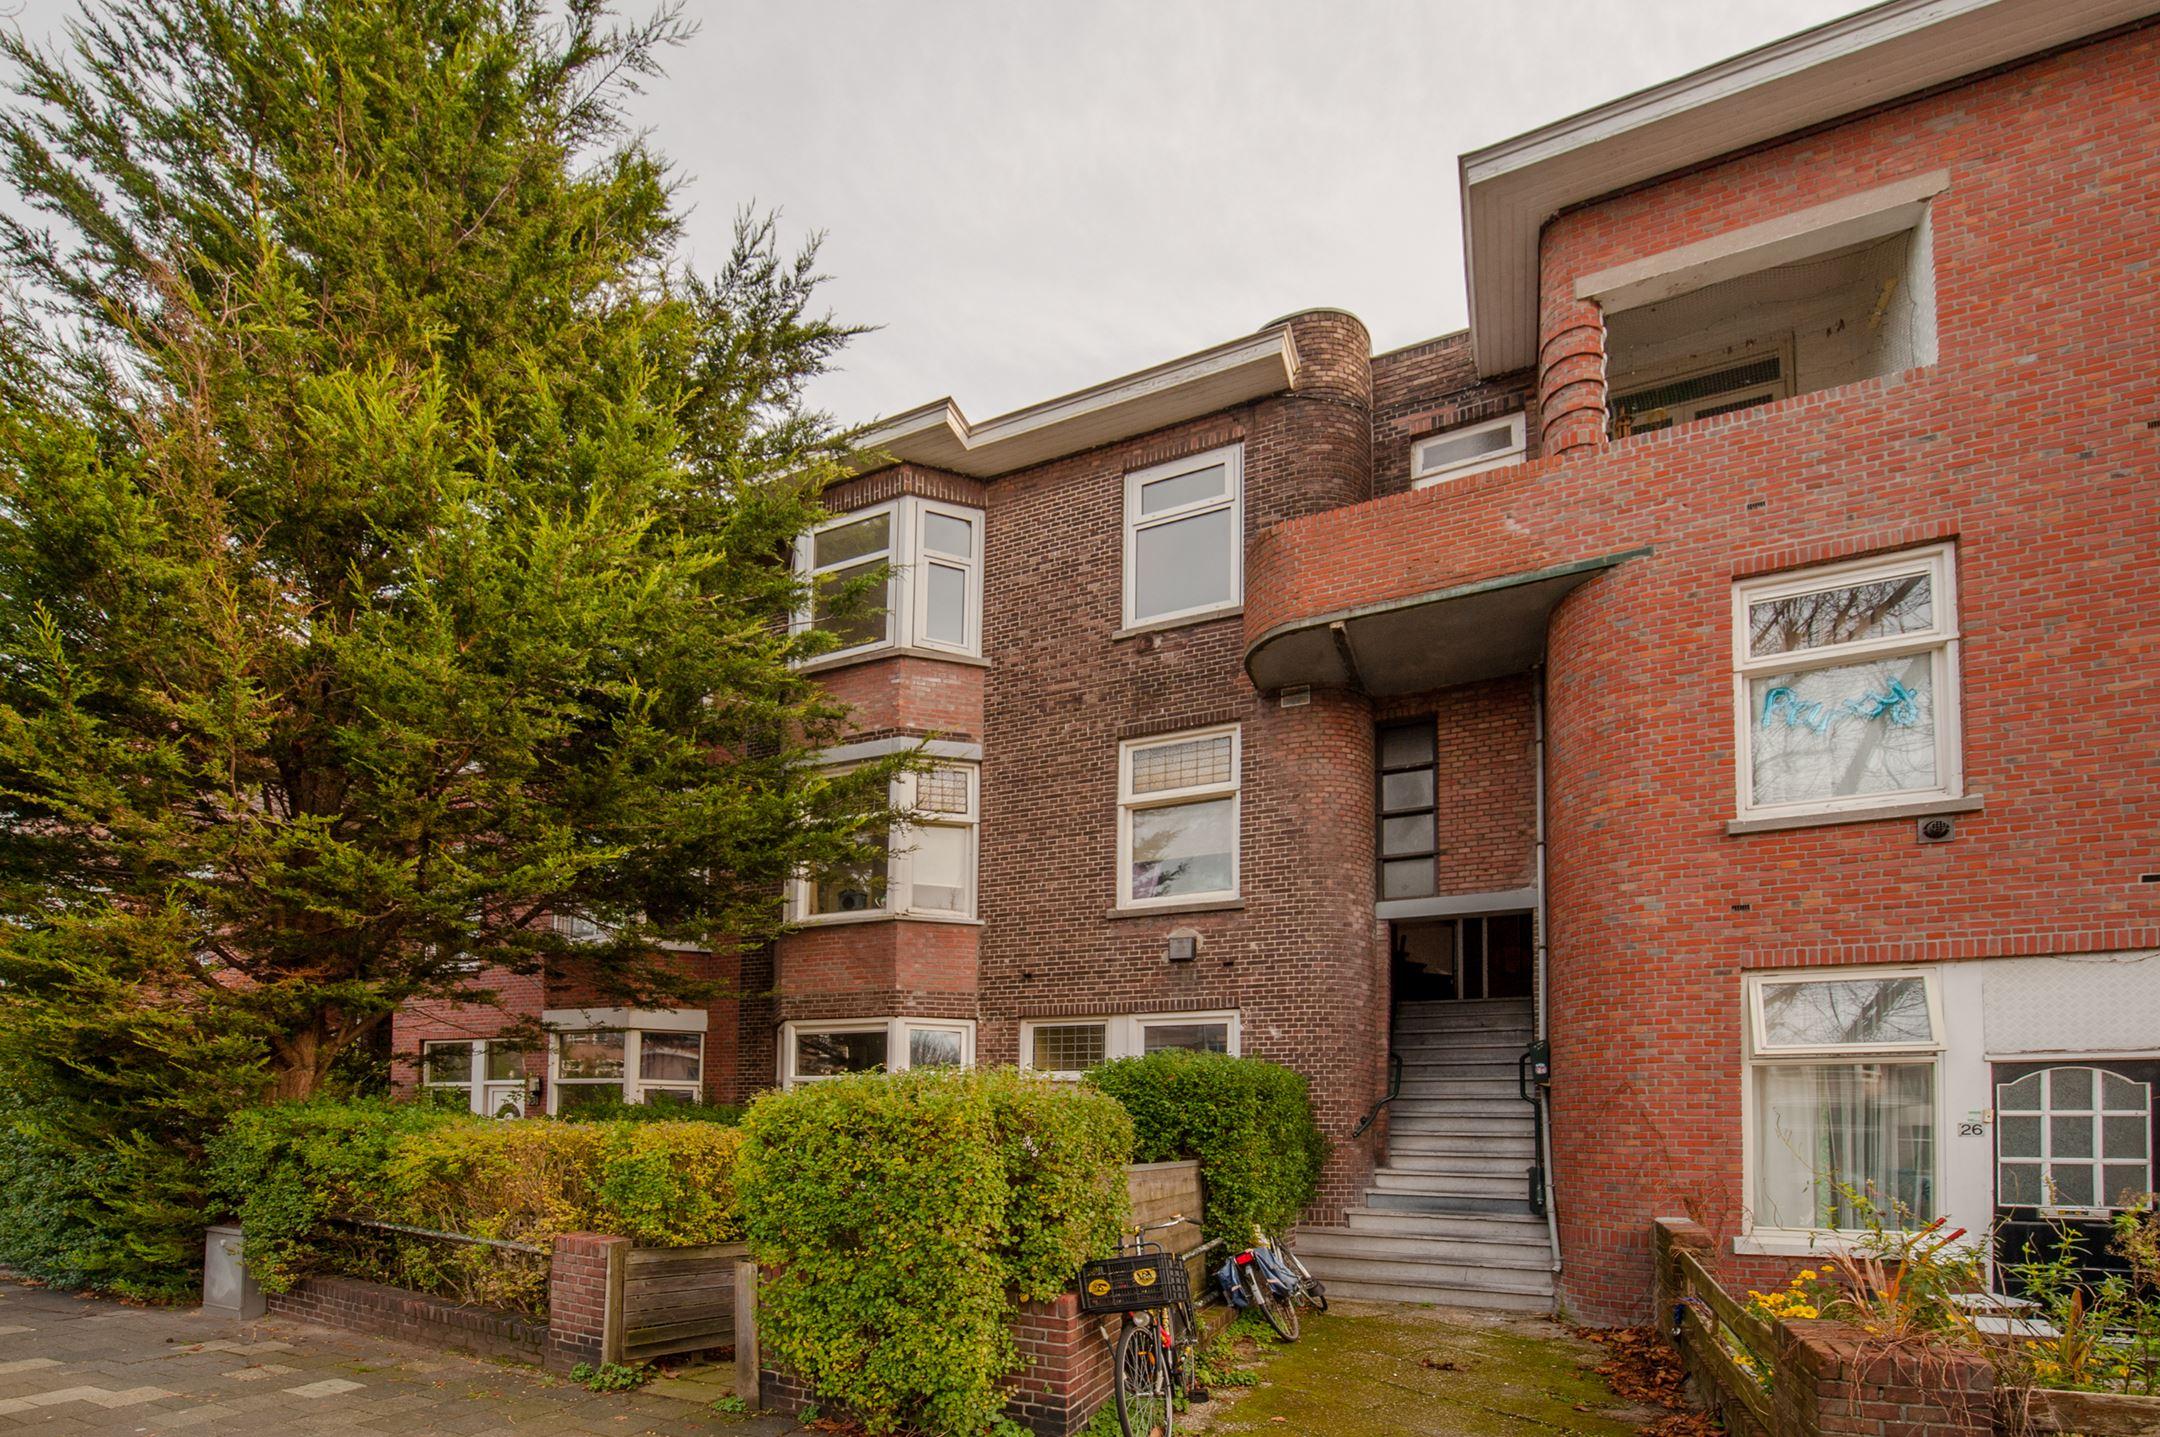 Gezellig 3-kamer appartement op de bovenste woonlaag met balkon aan voor en achterzijde (ochtend- en avondzon) gelegen in het gewilde Voorburg